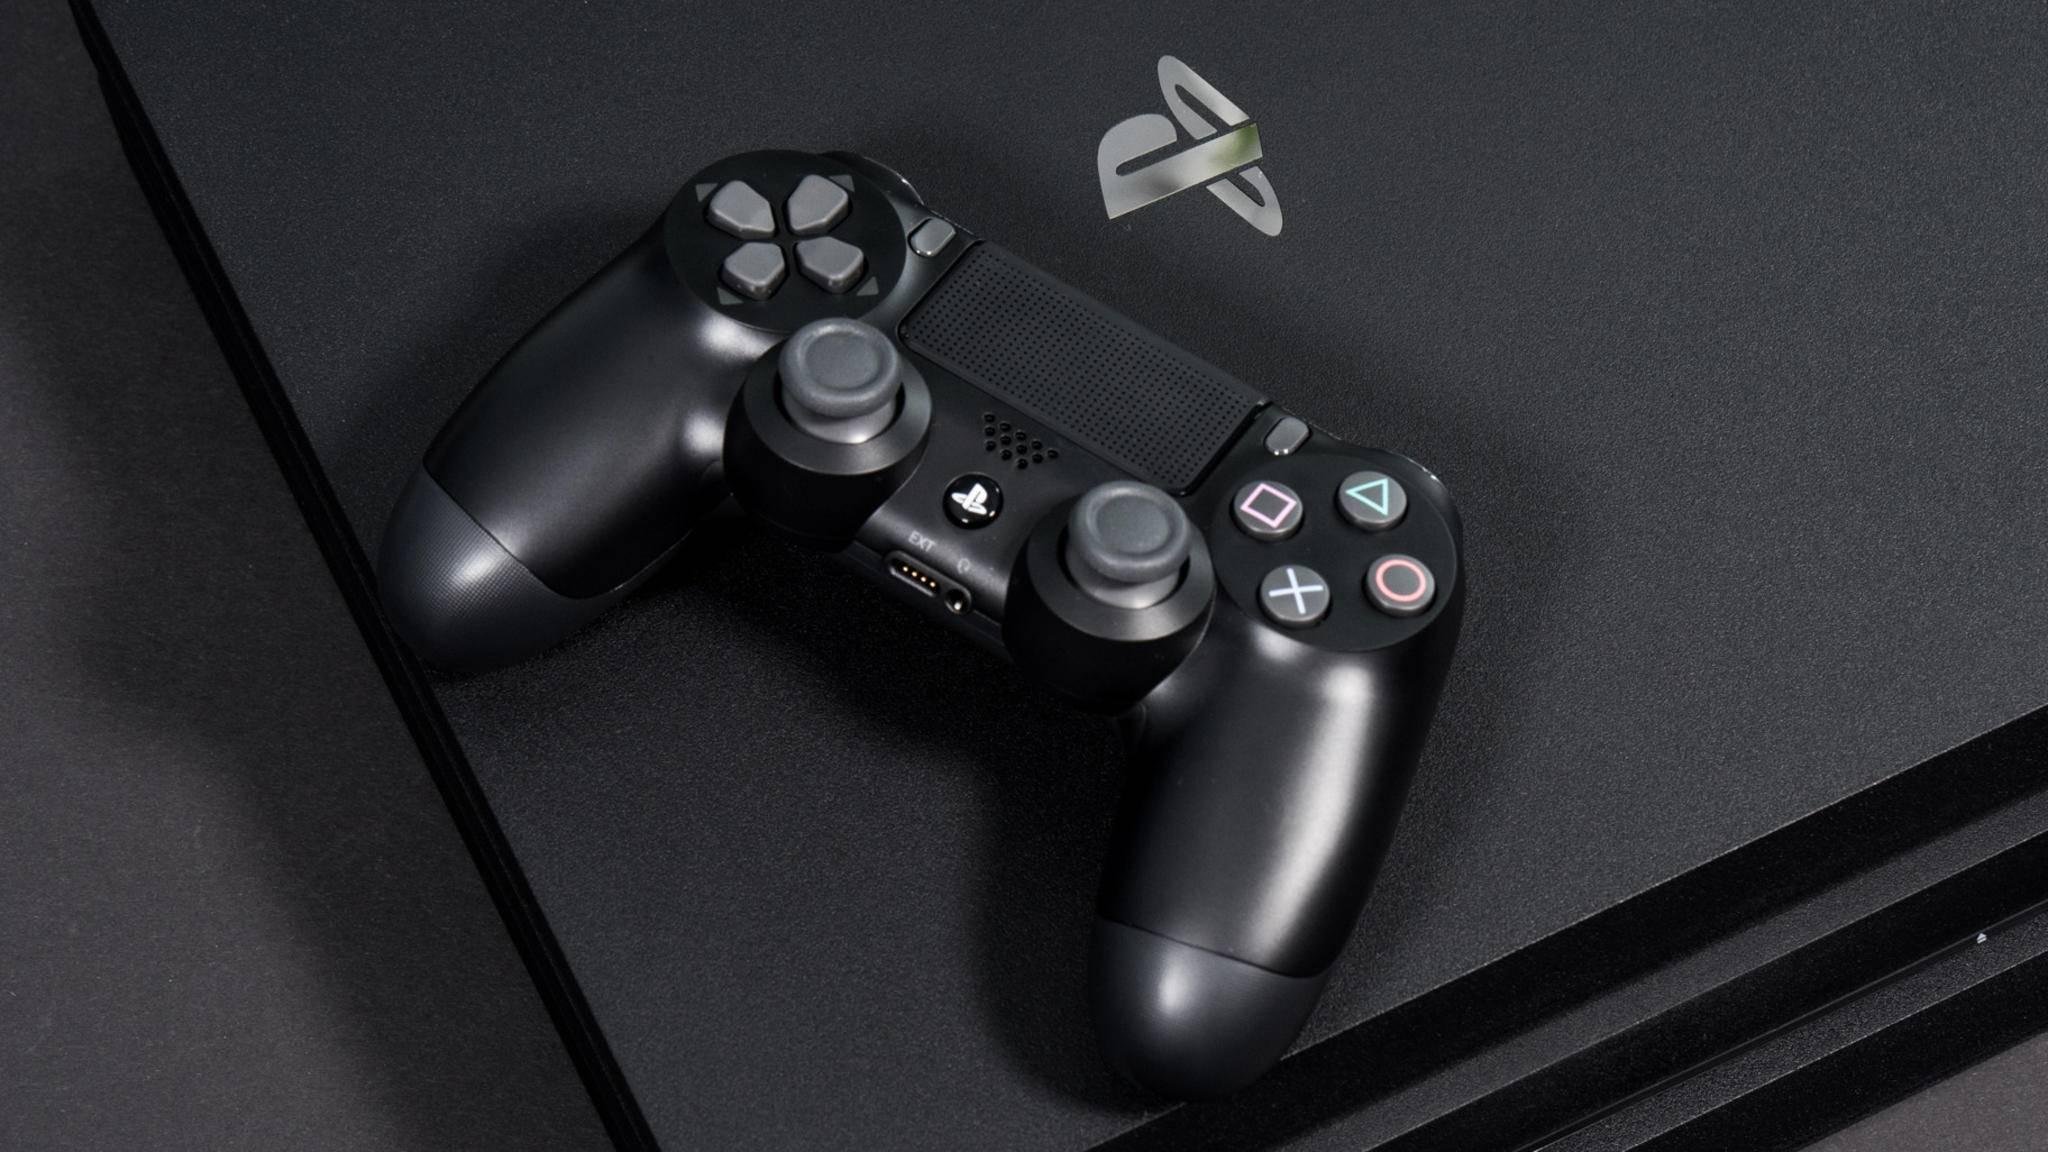 Launch-Probleme mit der PS4 Pro: Kommt bald ein Patch?